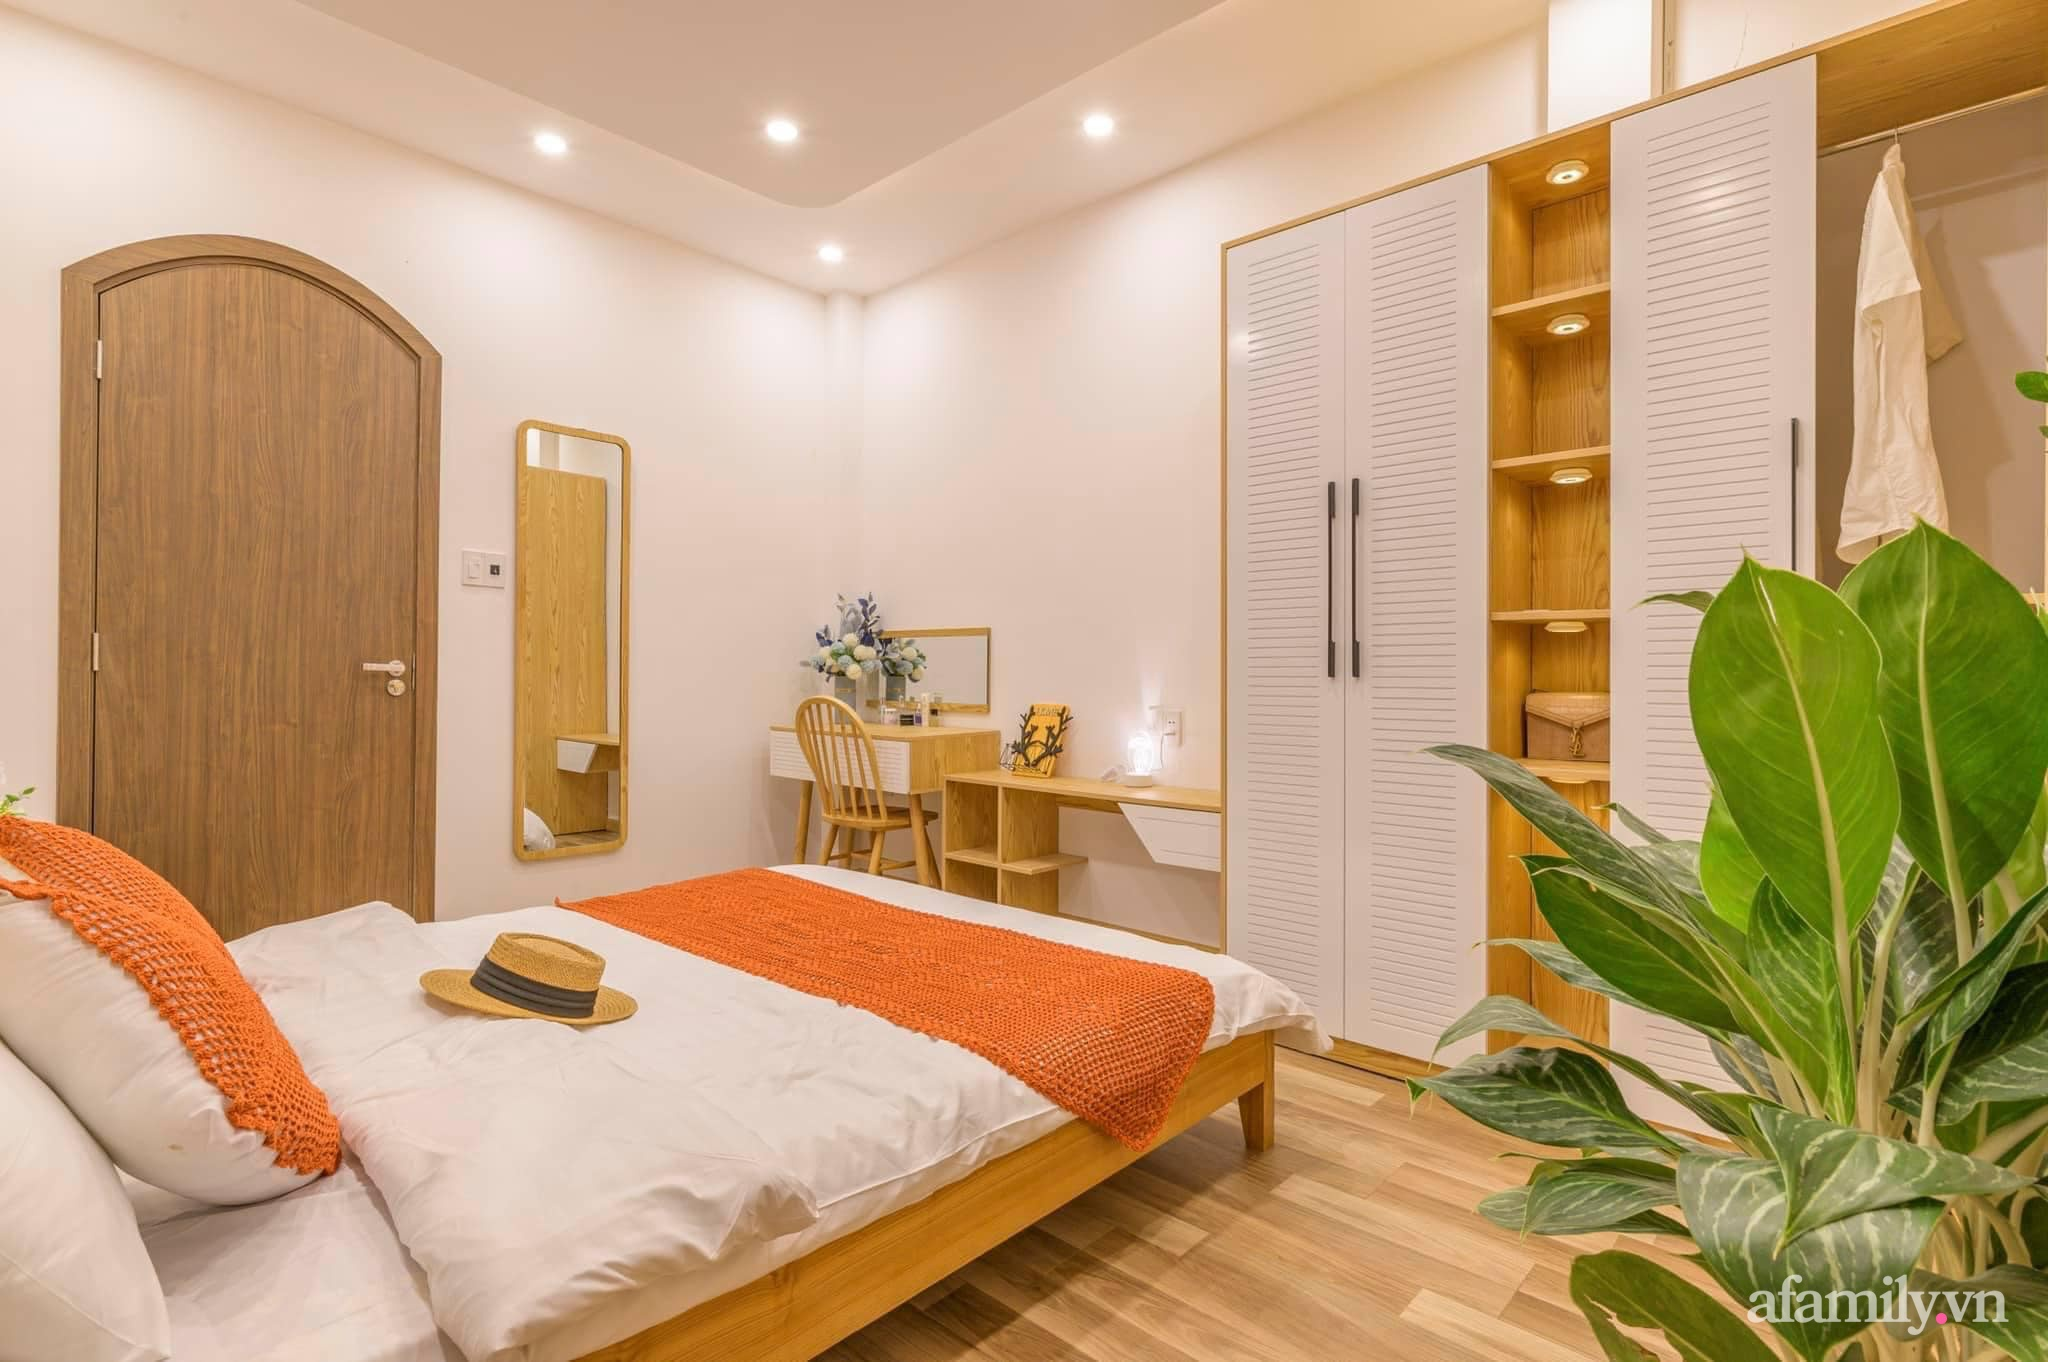 Nhà phố 4 tầng rộng 58m² đẹp an yên với giếng trời nhiều cây xanh và ánh nắng ngập tràn ở Đà Nẵng - Ảnh 18.